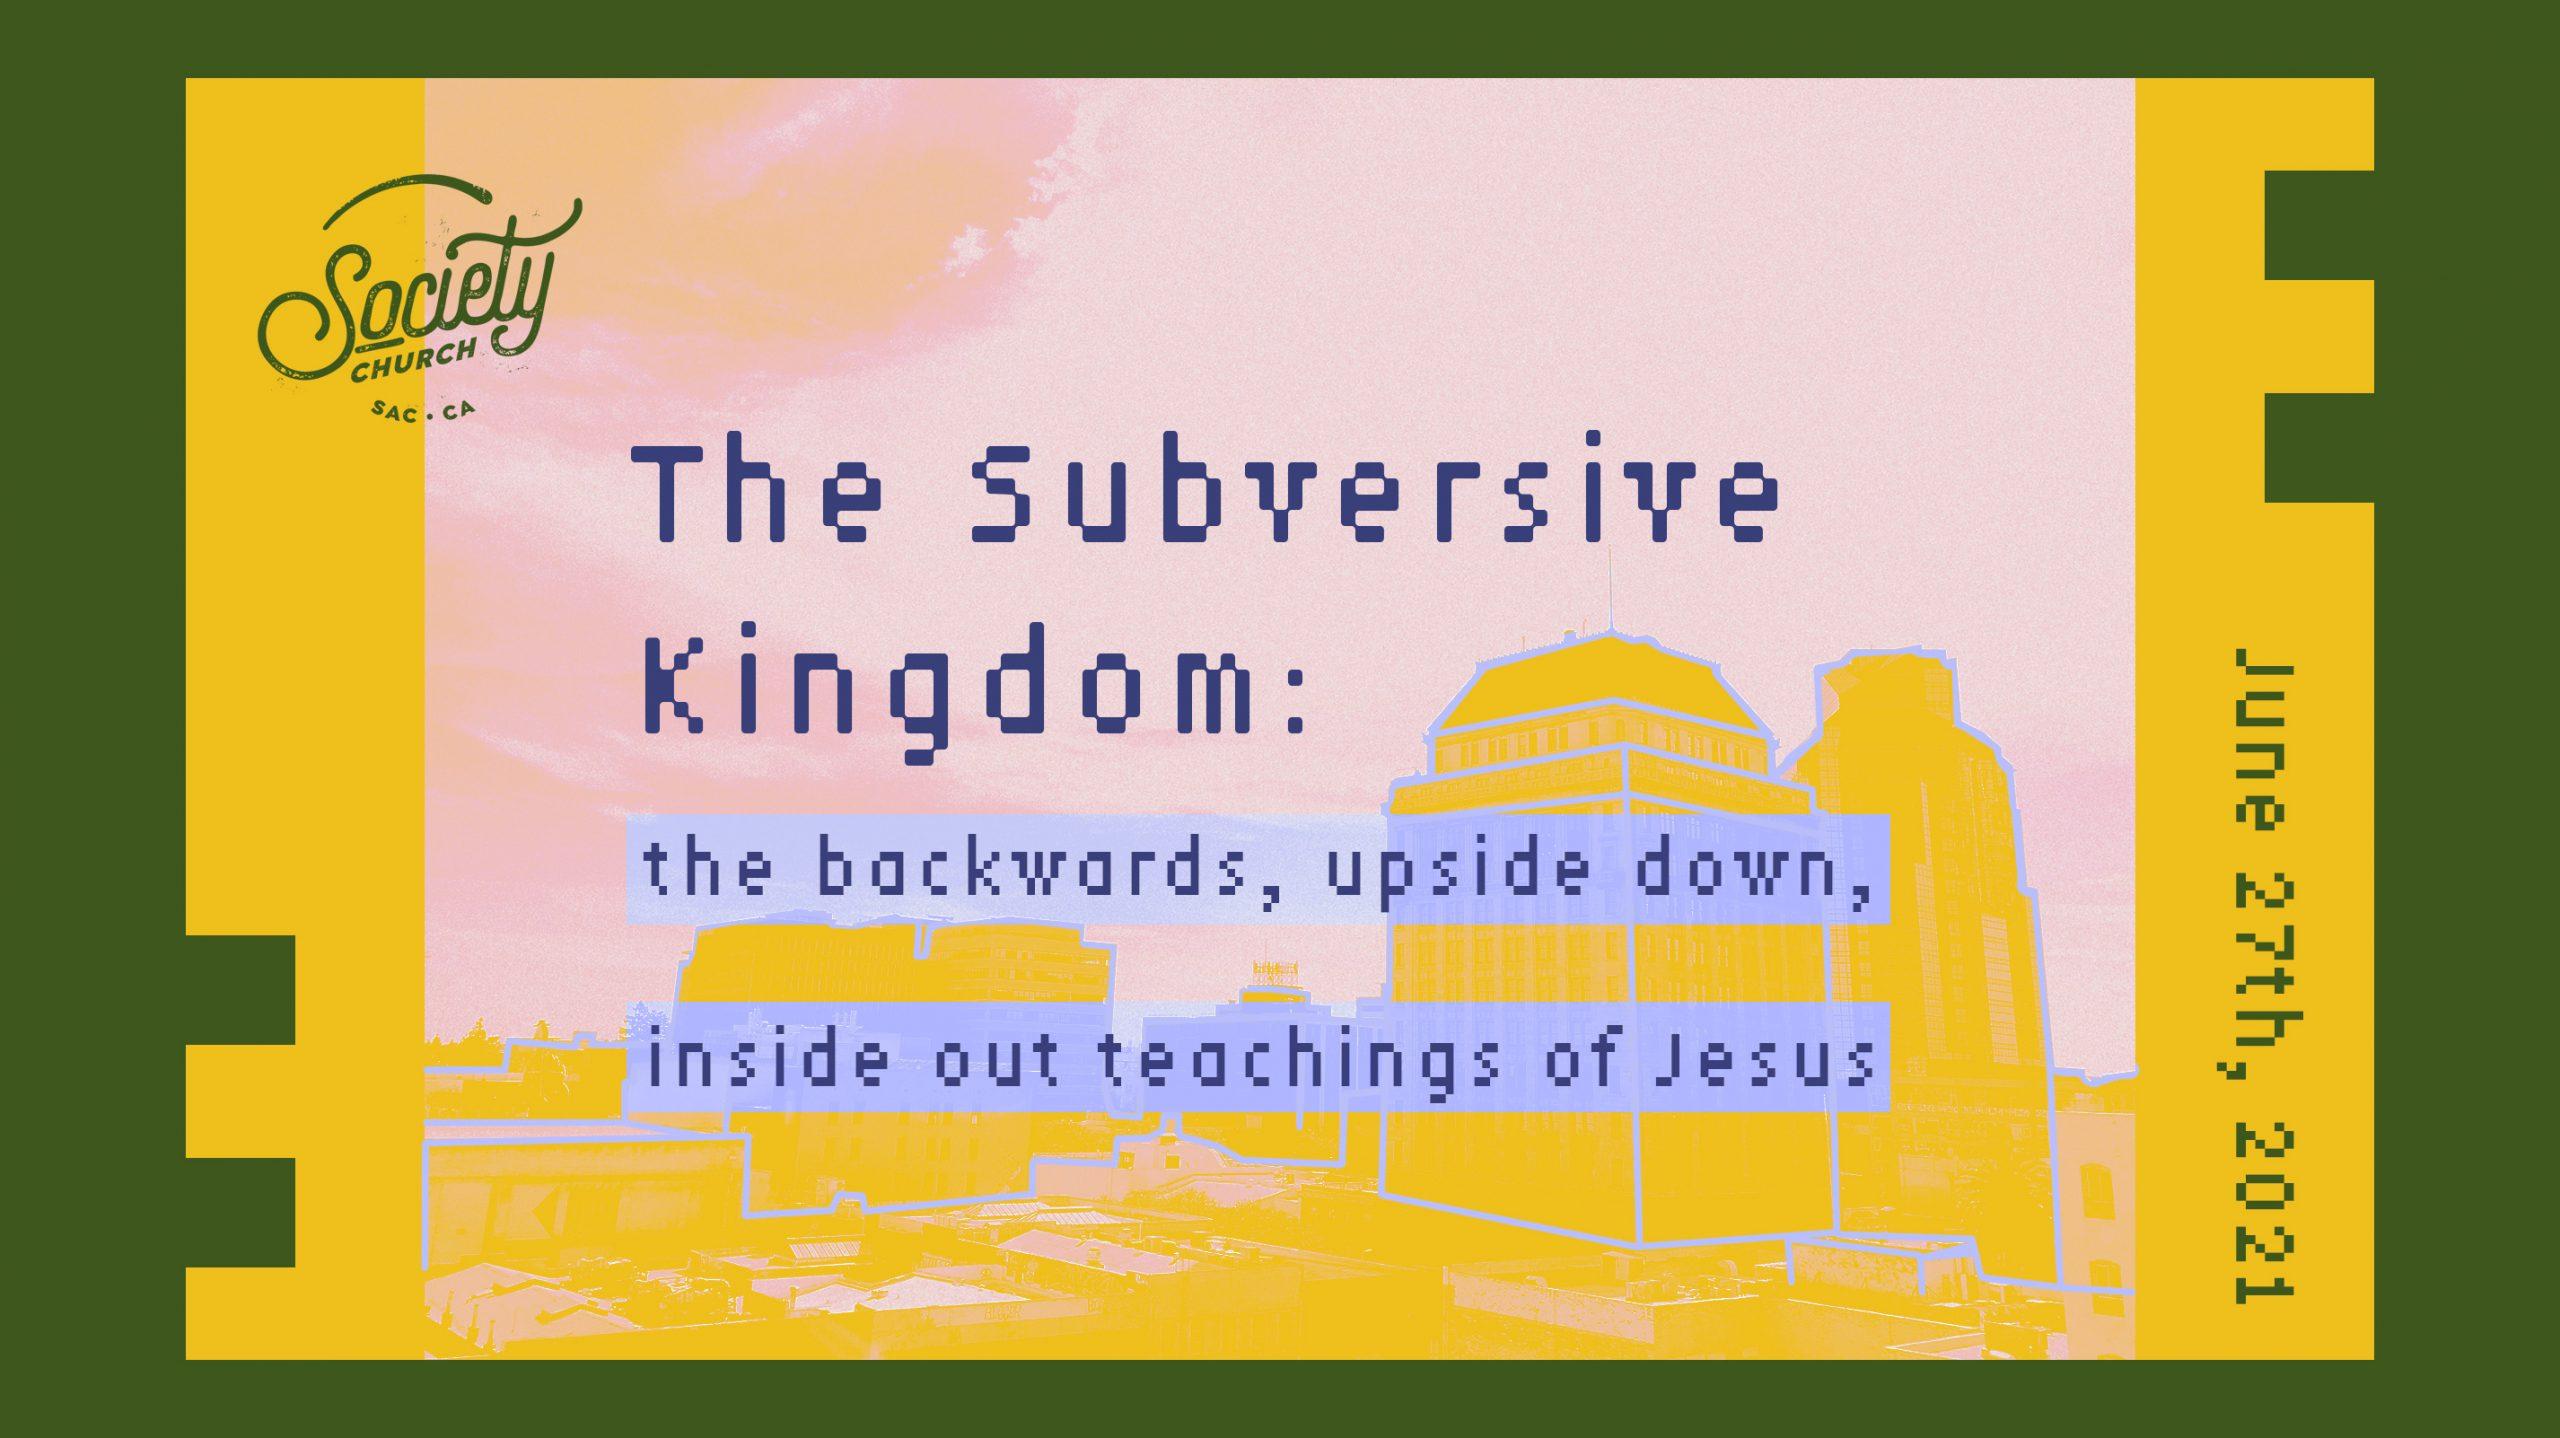 The Subversive Kingdom: Week 1